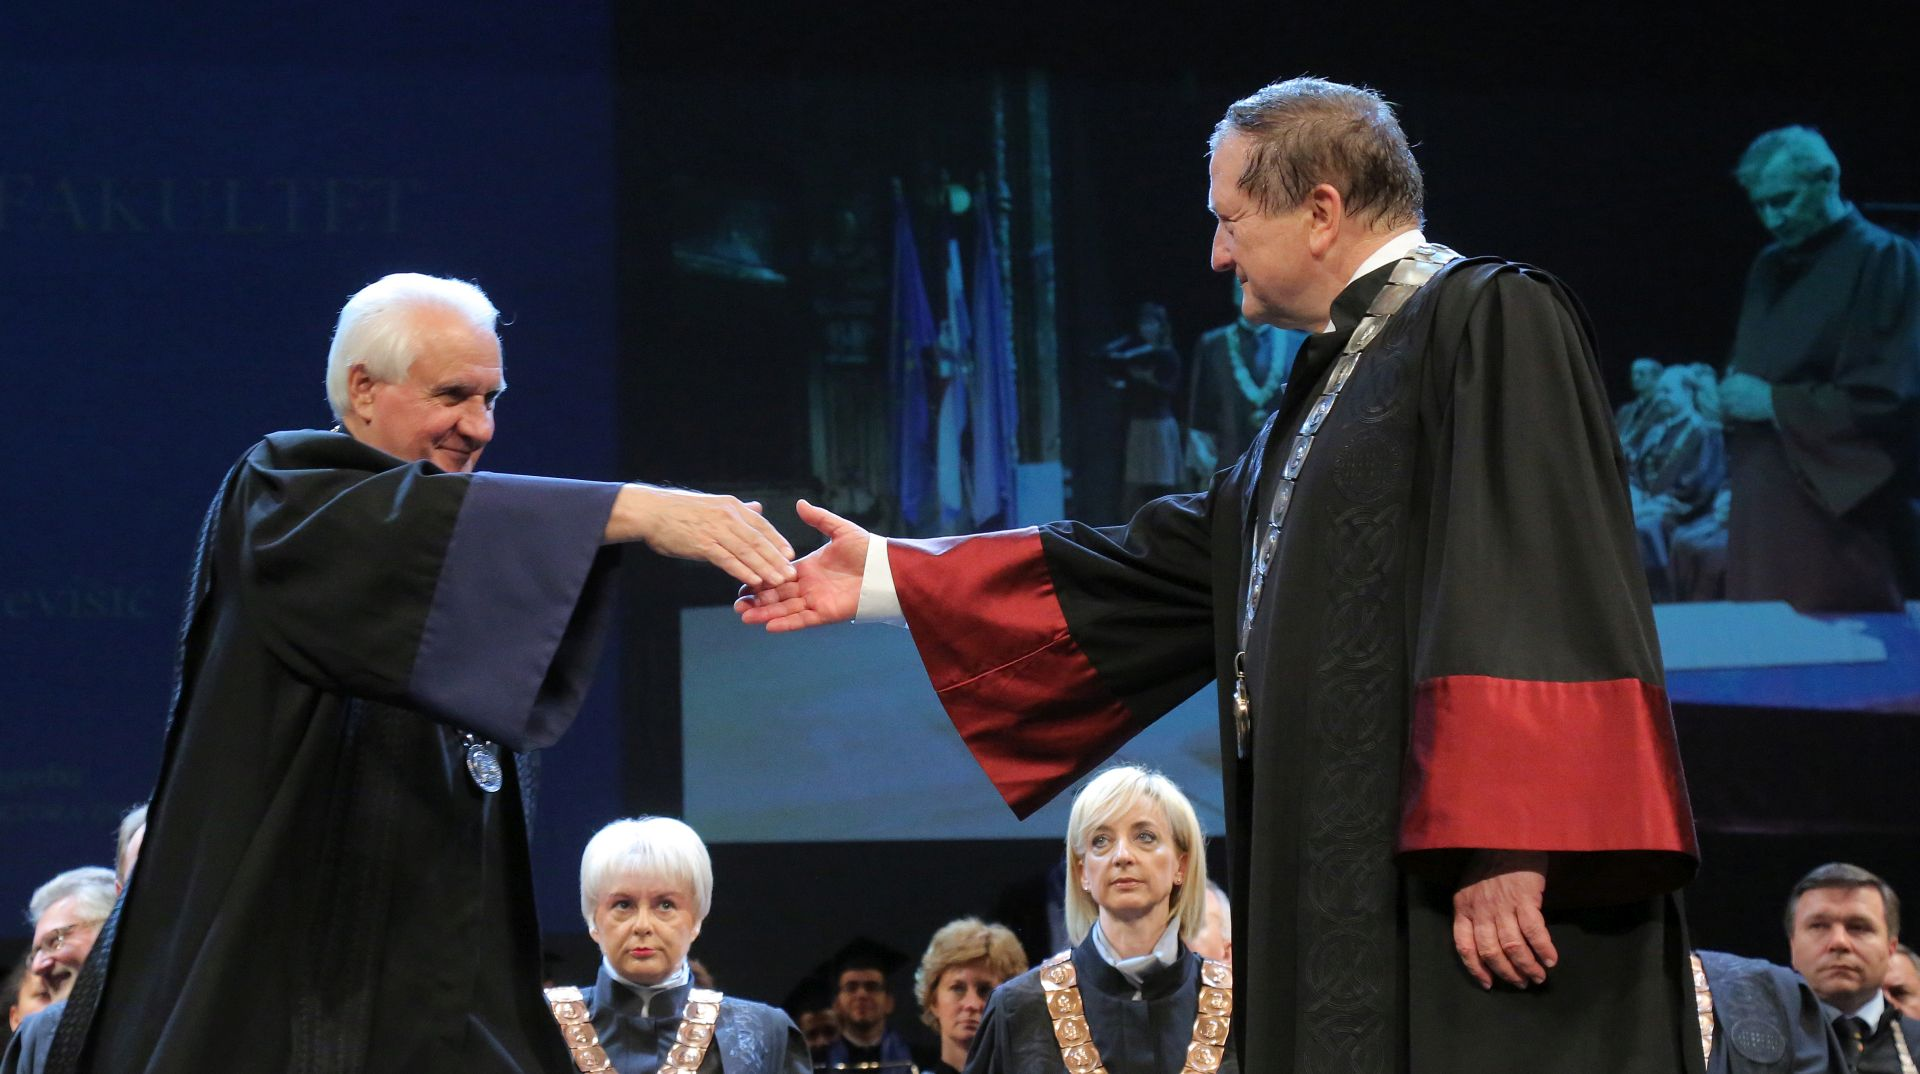 Odlukom o umirovljenju Ministarstvo stavilo točku na Previšićevu dekansku karijeru